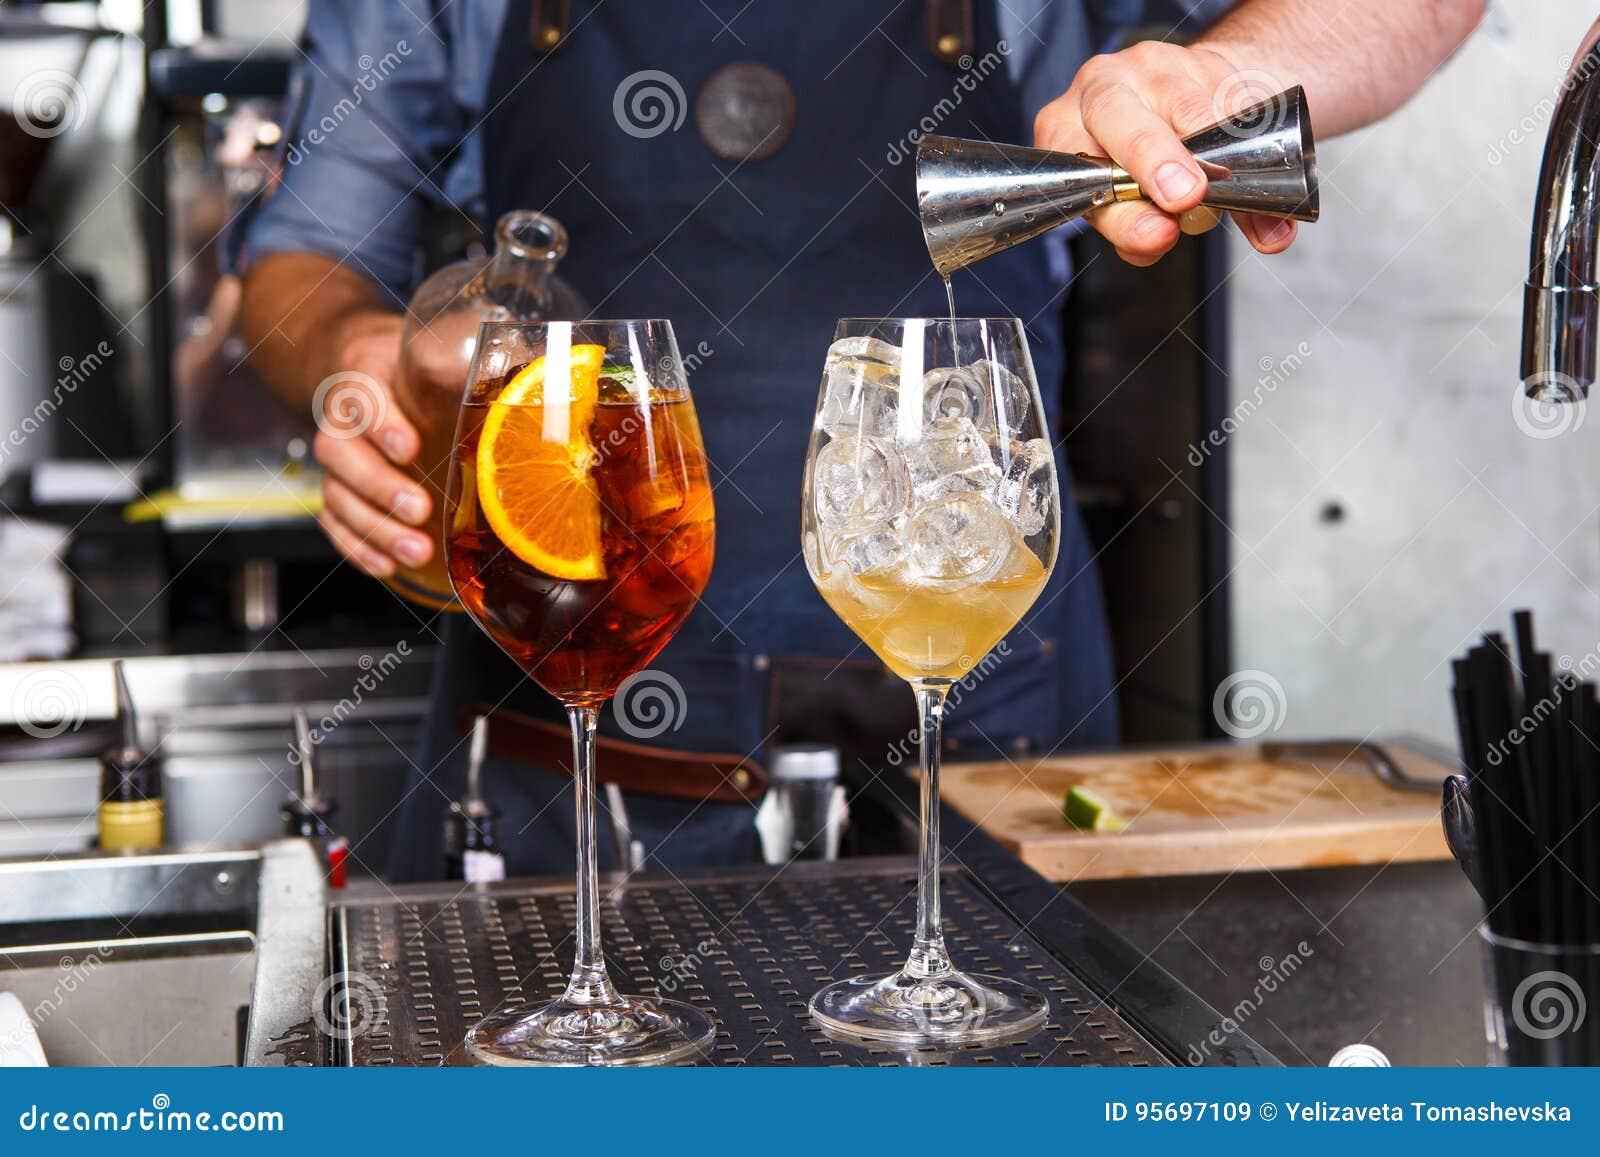 Μπάρμαν στην εργασία, που προετοιμάζει τα κοκτέιλ έννοια για την υπηρεσία και τα ποτά στην κουζίνα το εστιατόριο